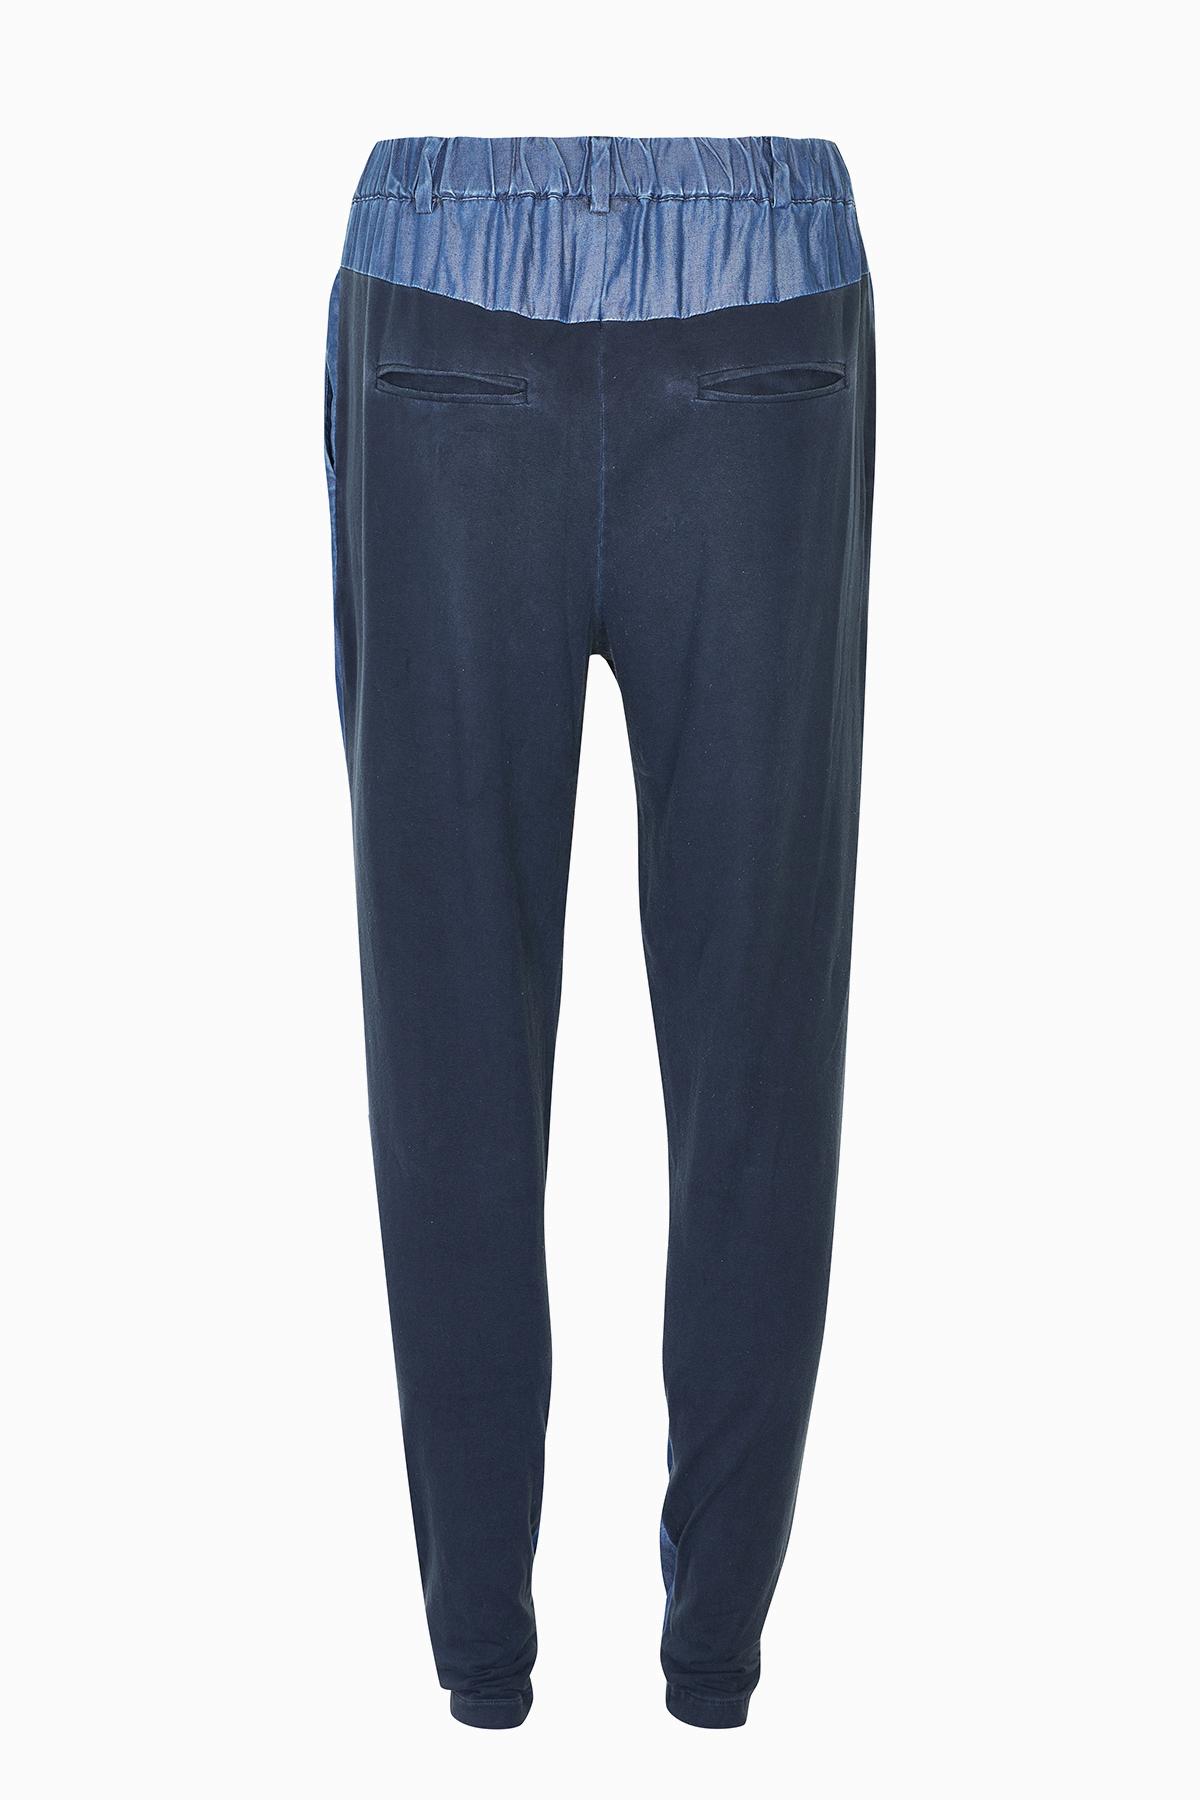 Lys denim Casual bukser fra Kaffe – Køb Lys denim Casual bukser fra str. 34-46 her